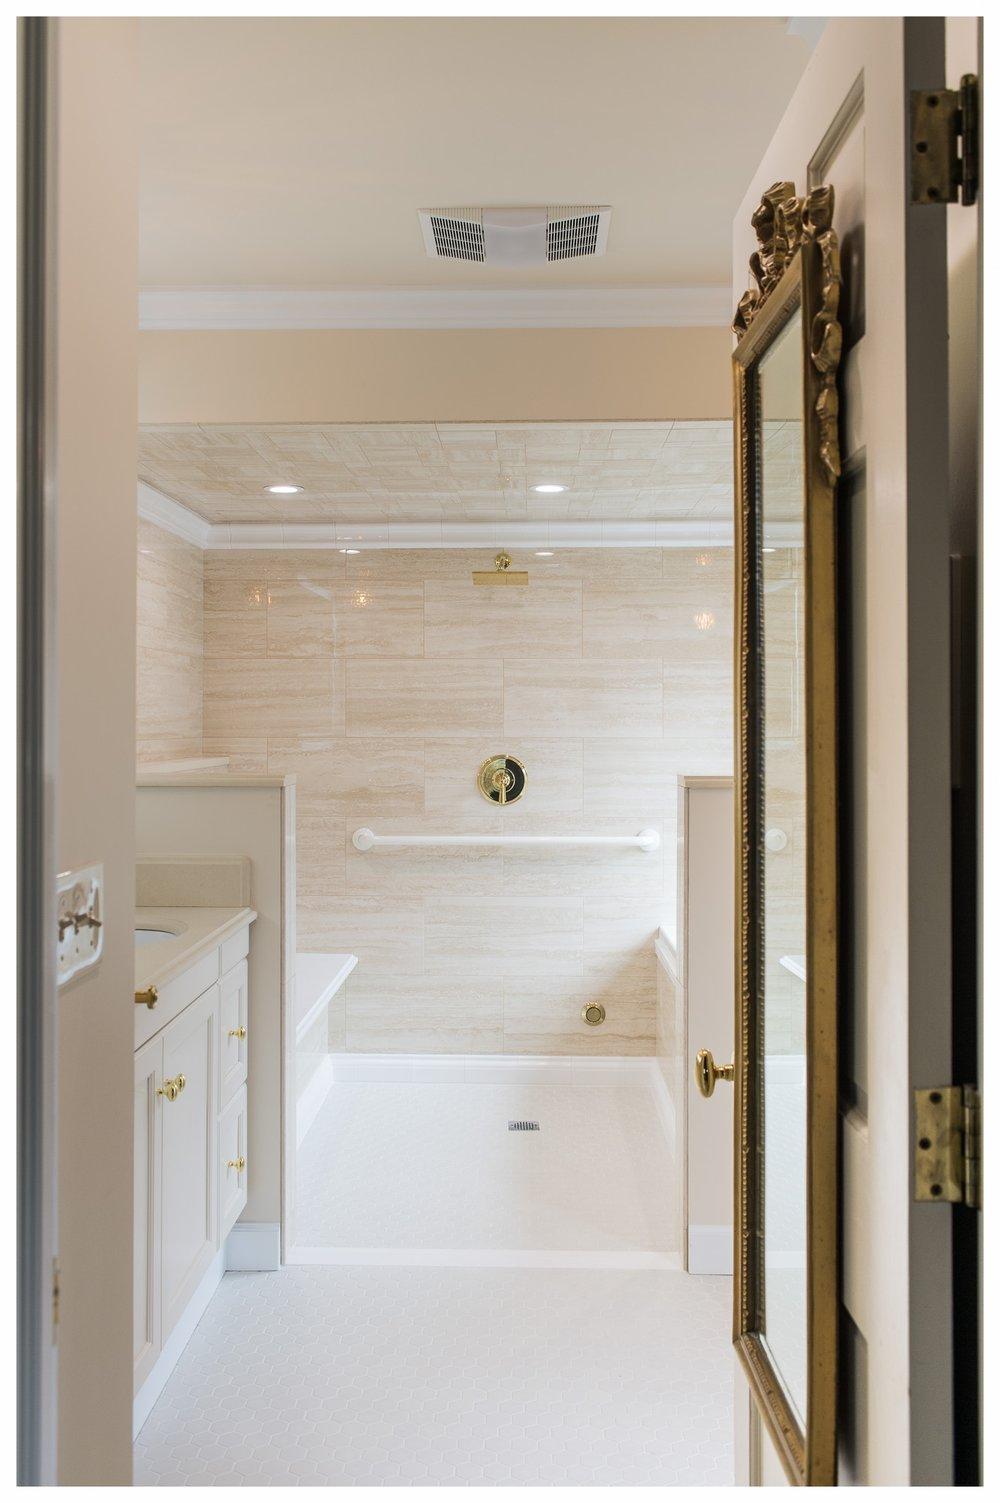 Steam Shower Spa Bath — Cloverleaf Design